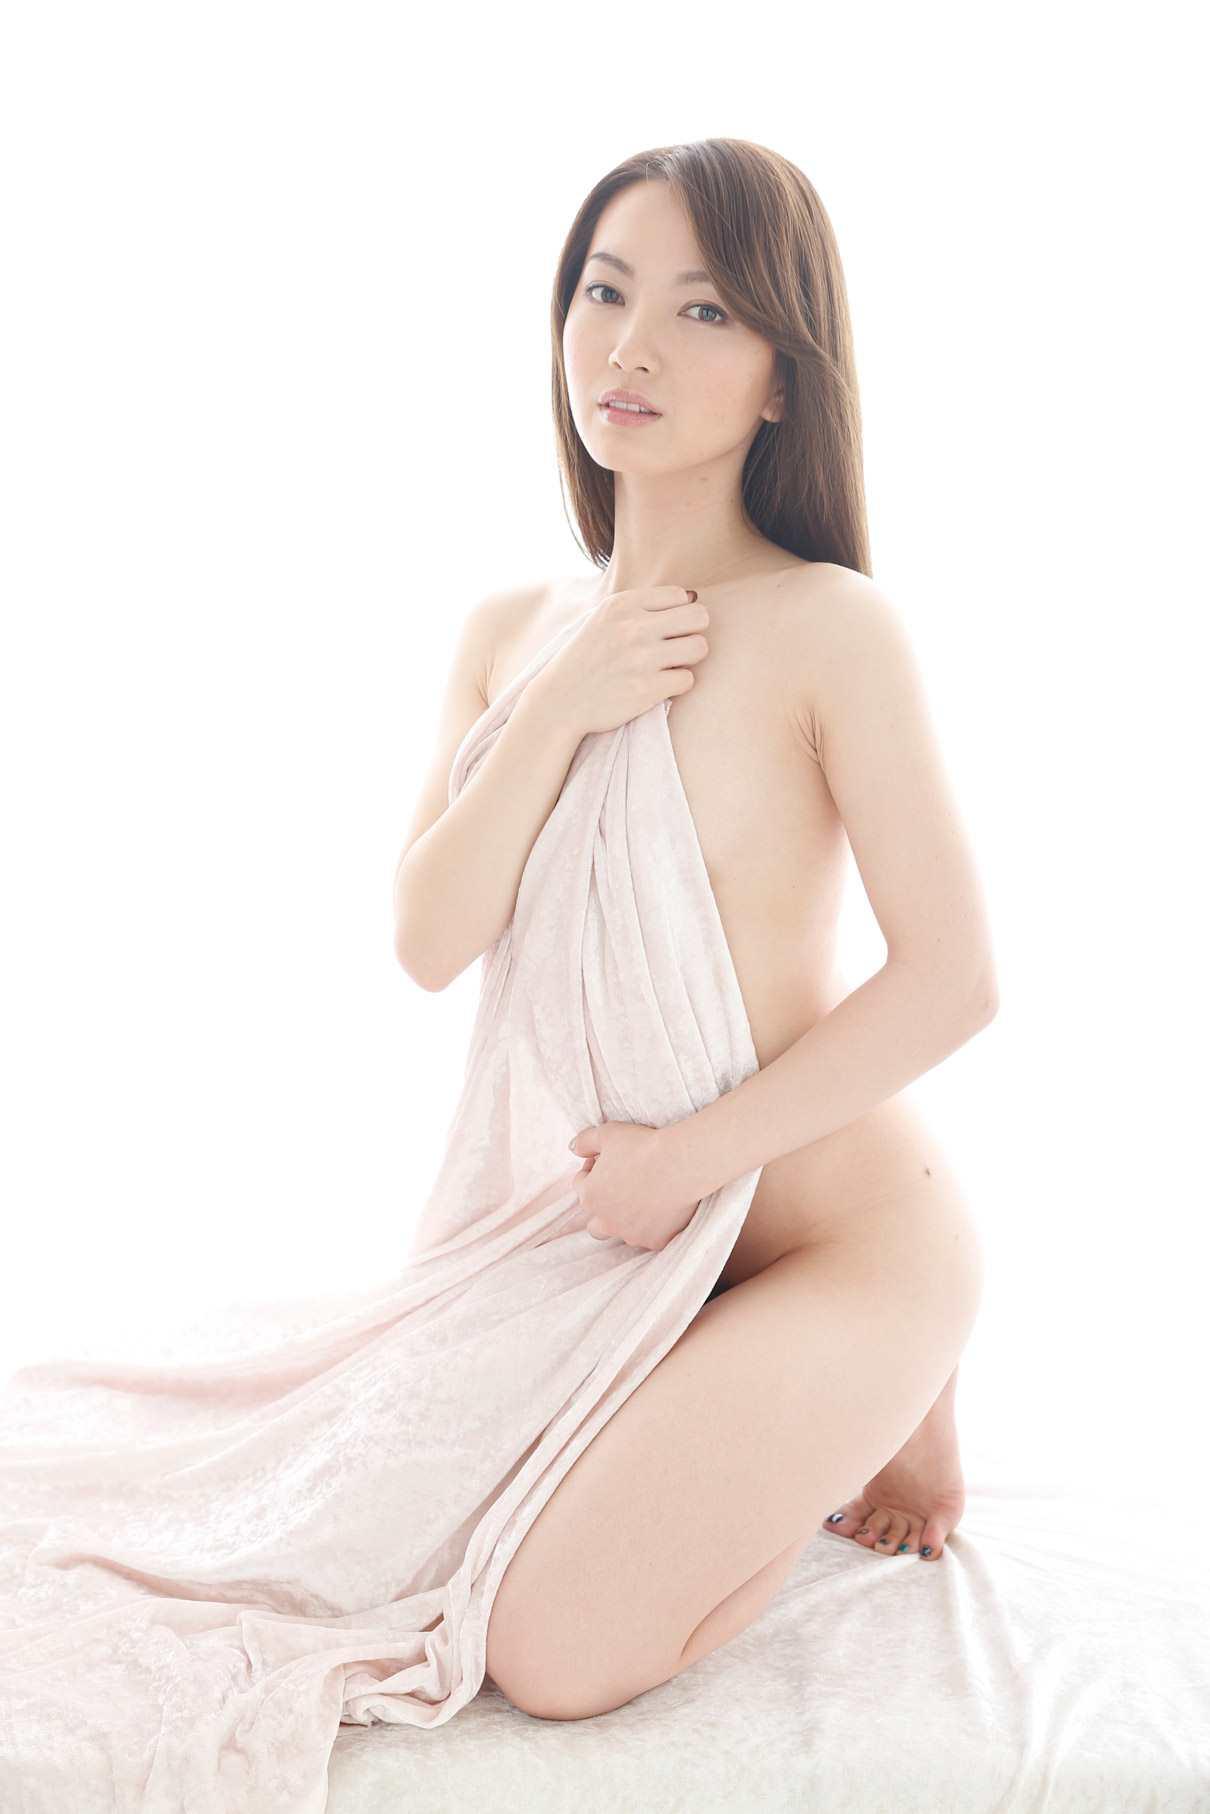 葉山瞳(中川美鈴) 初裏デビュー画像 58